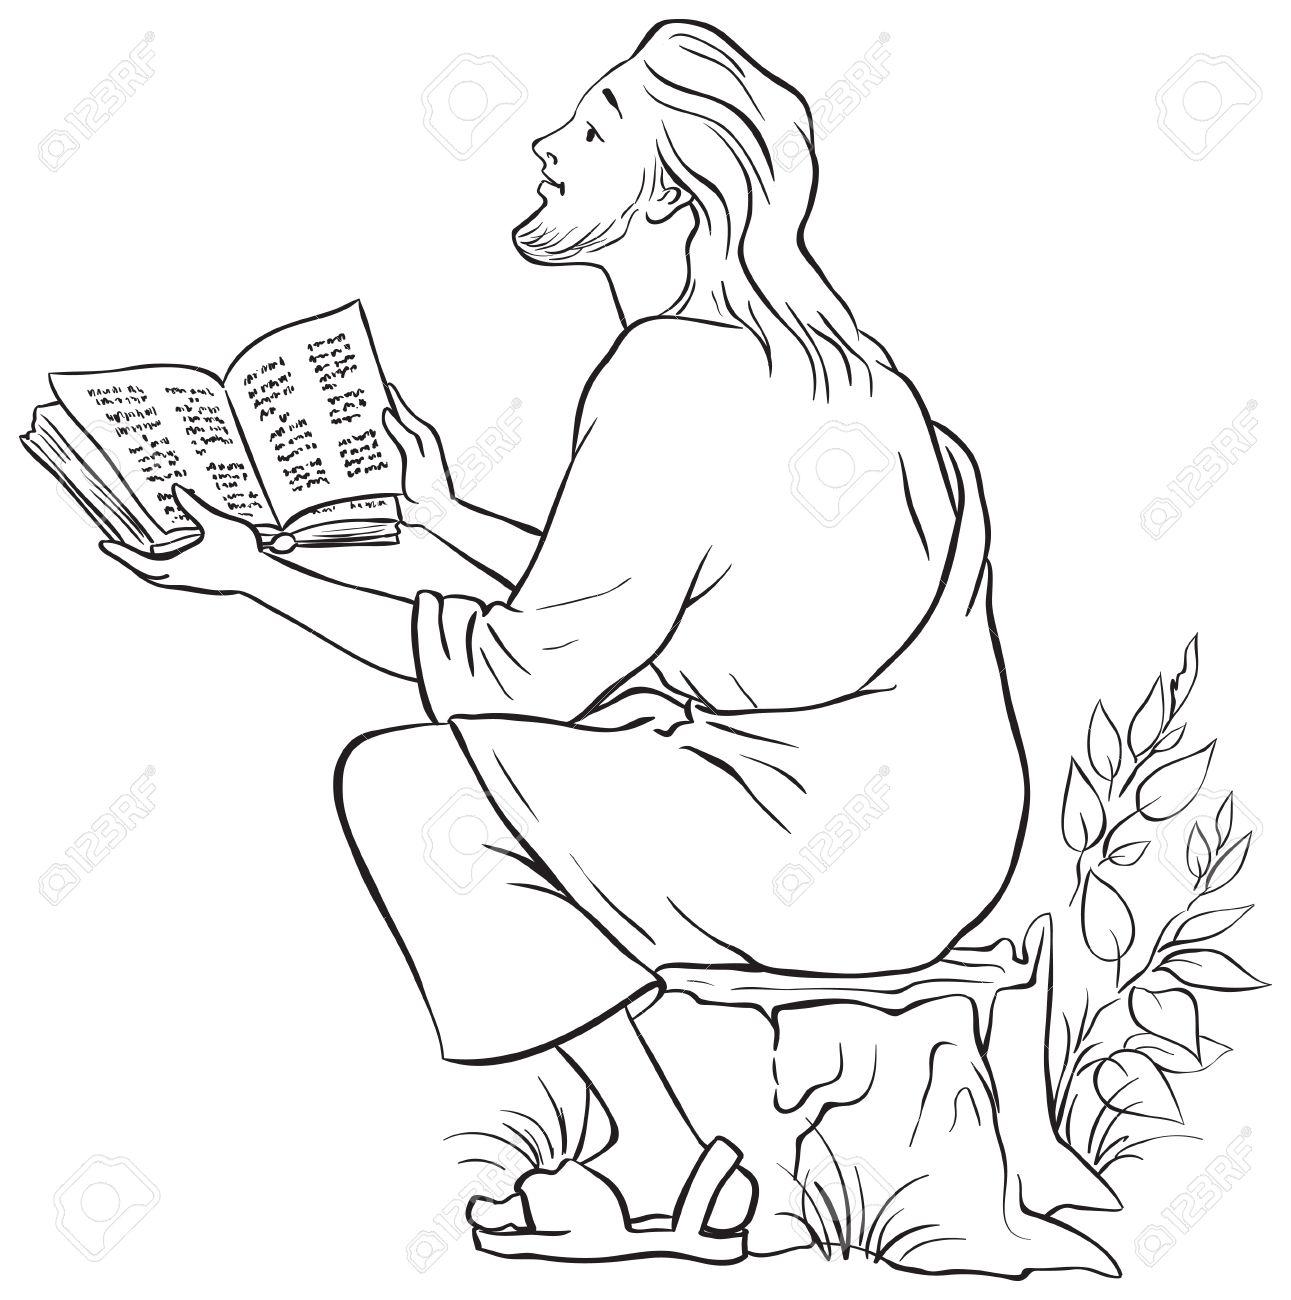 Jesus Die Bibel Zu Lesen. Malvorlage. Auch Erhältlich Farbige ...